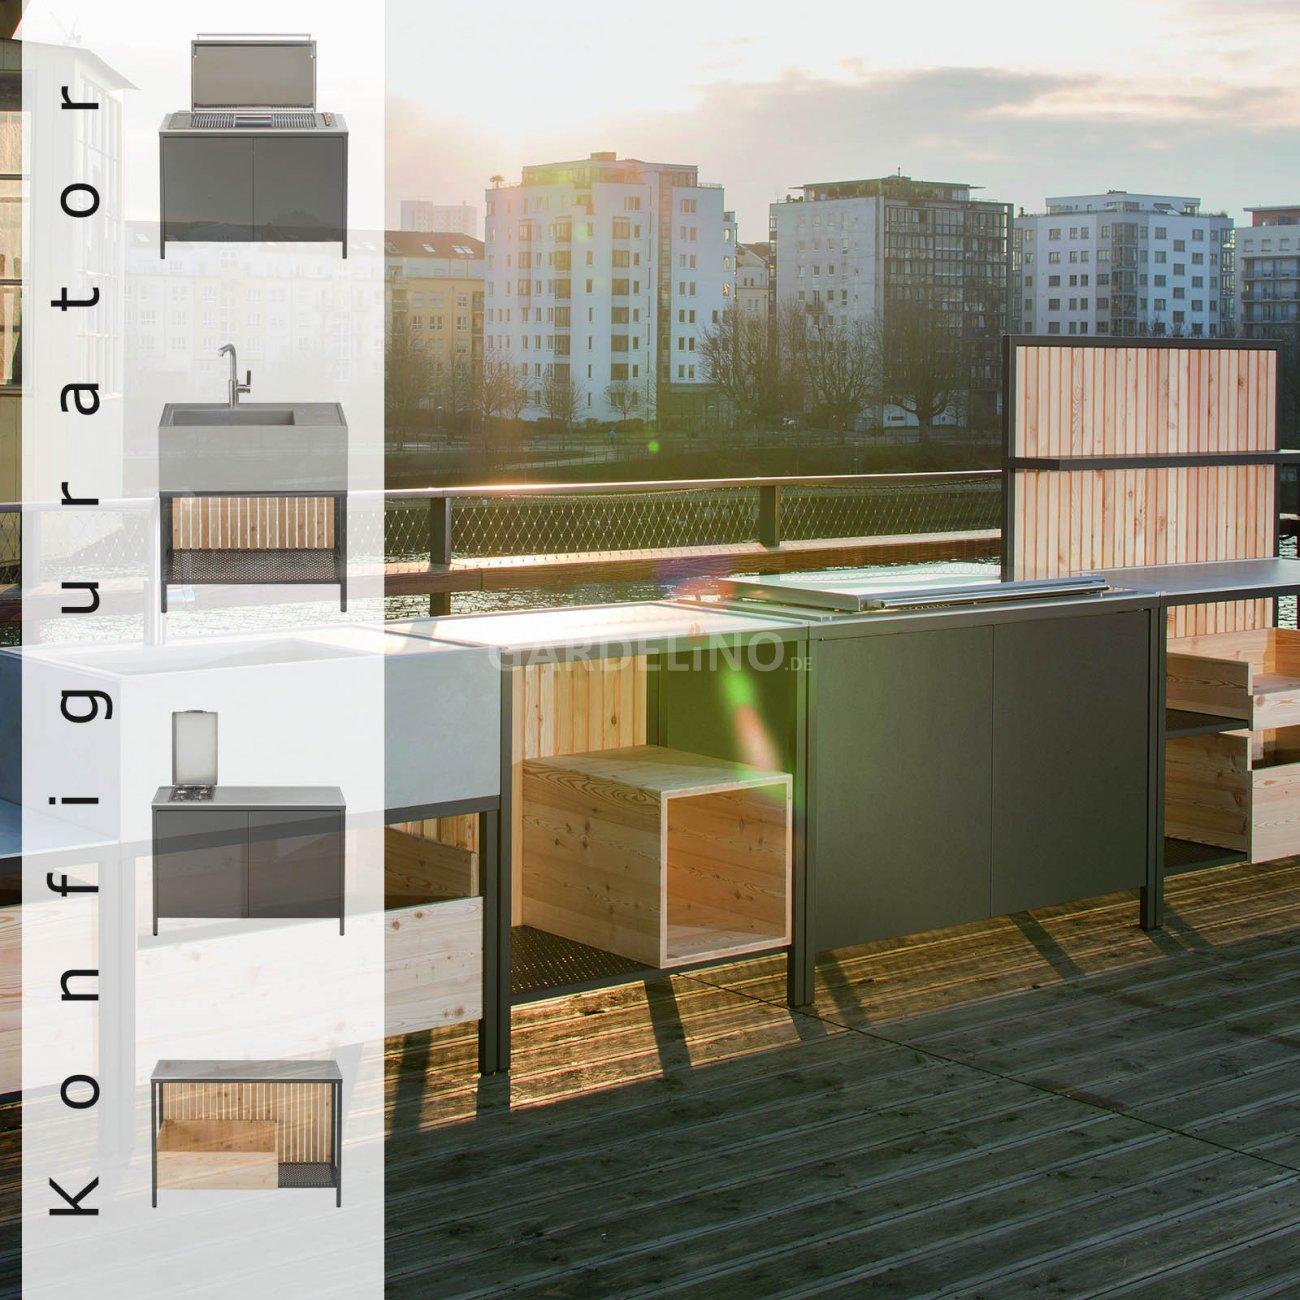 kaufmann grillkitchen block gartenk che jetzt konfigurieren. Black Bedroom Furniture Sets. Home Design Ideas